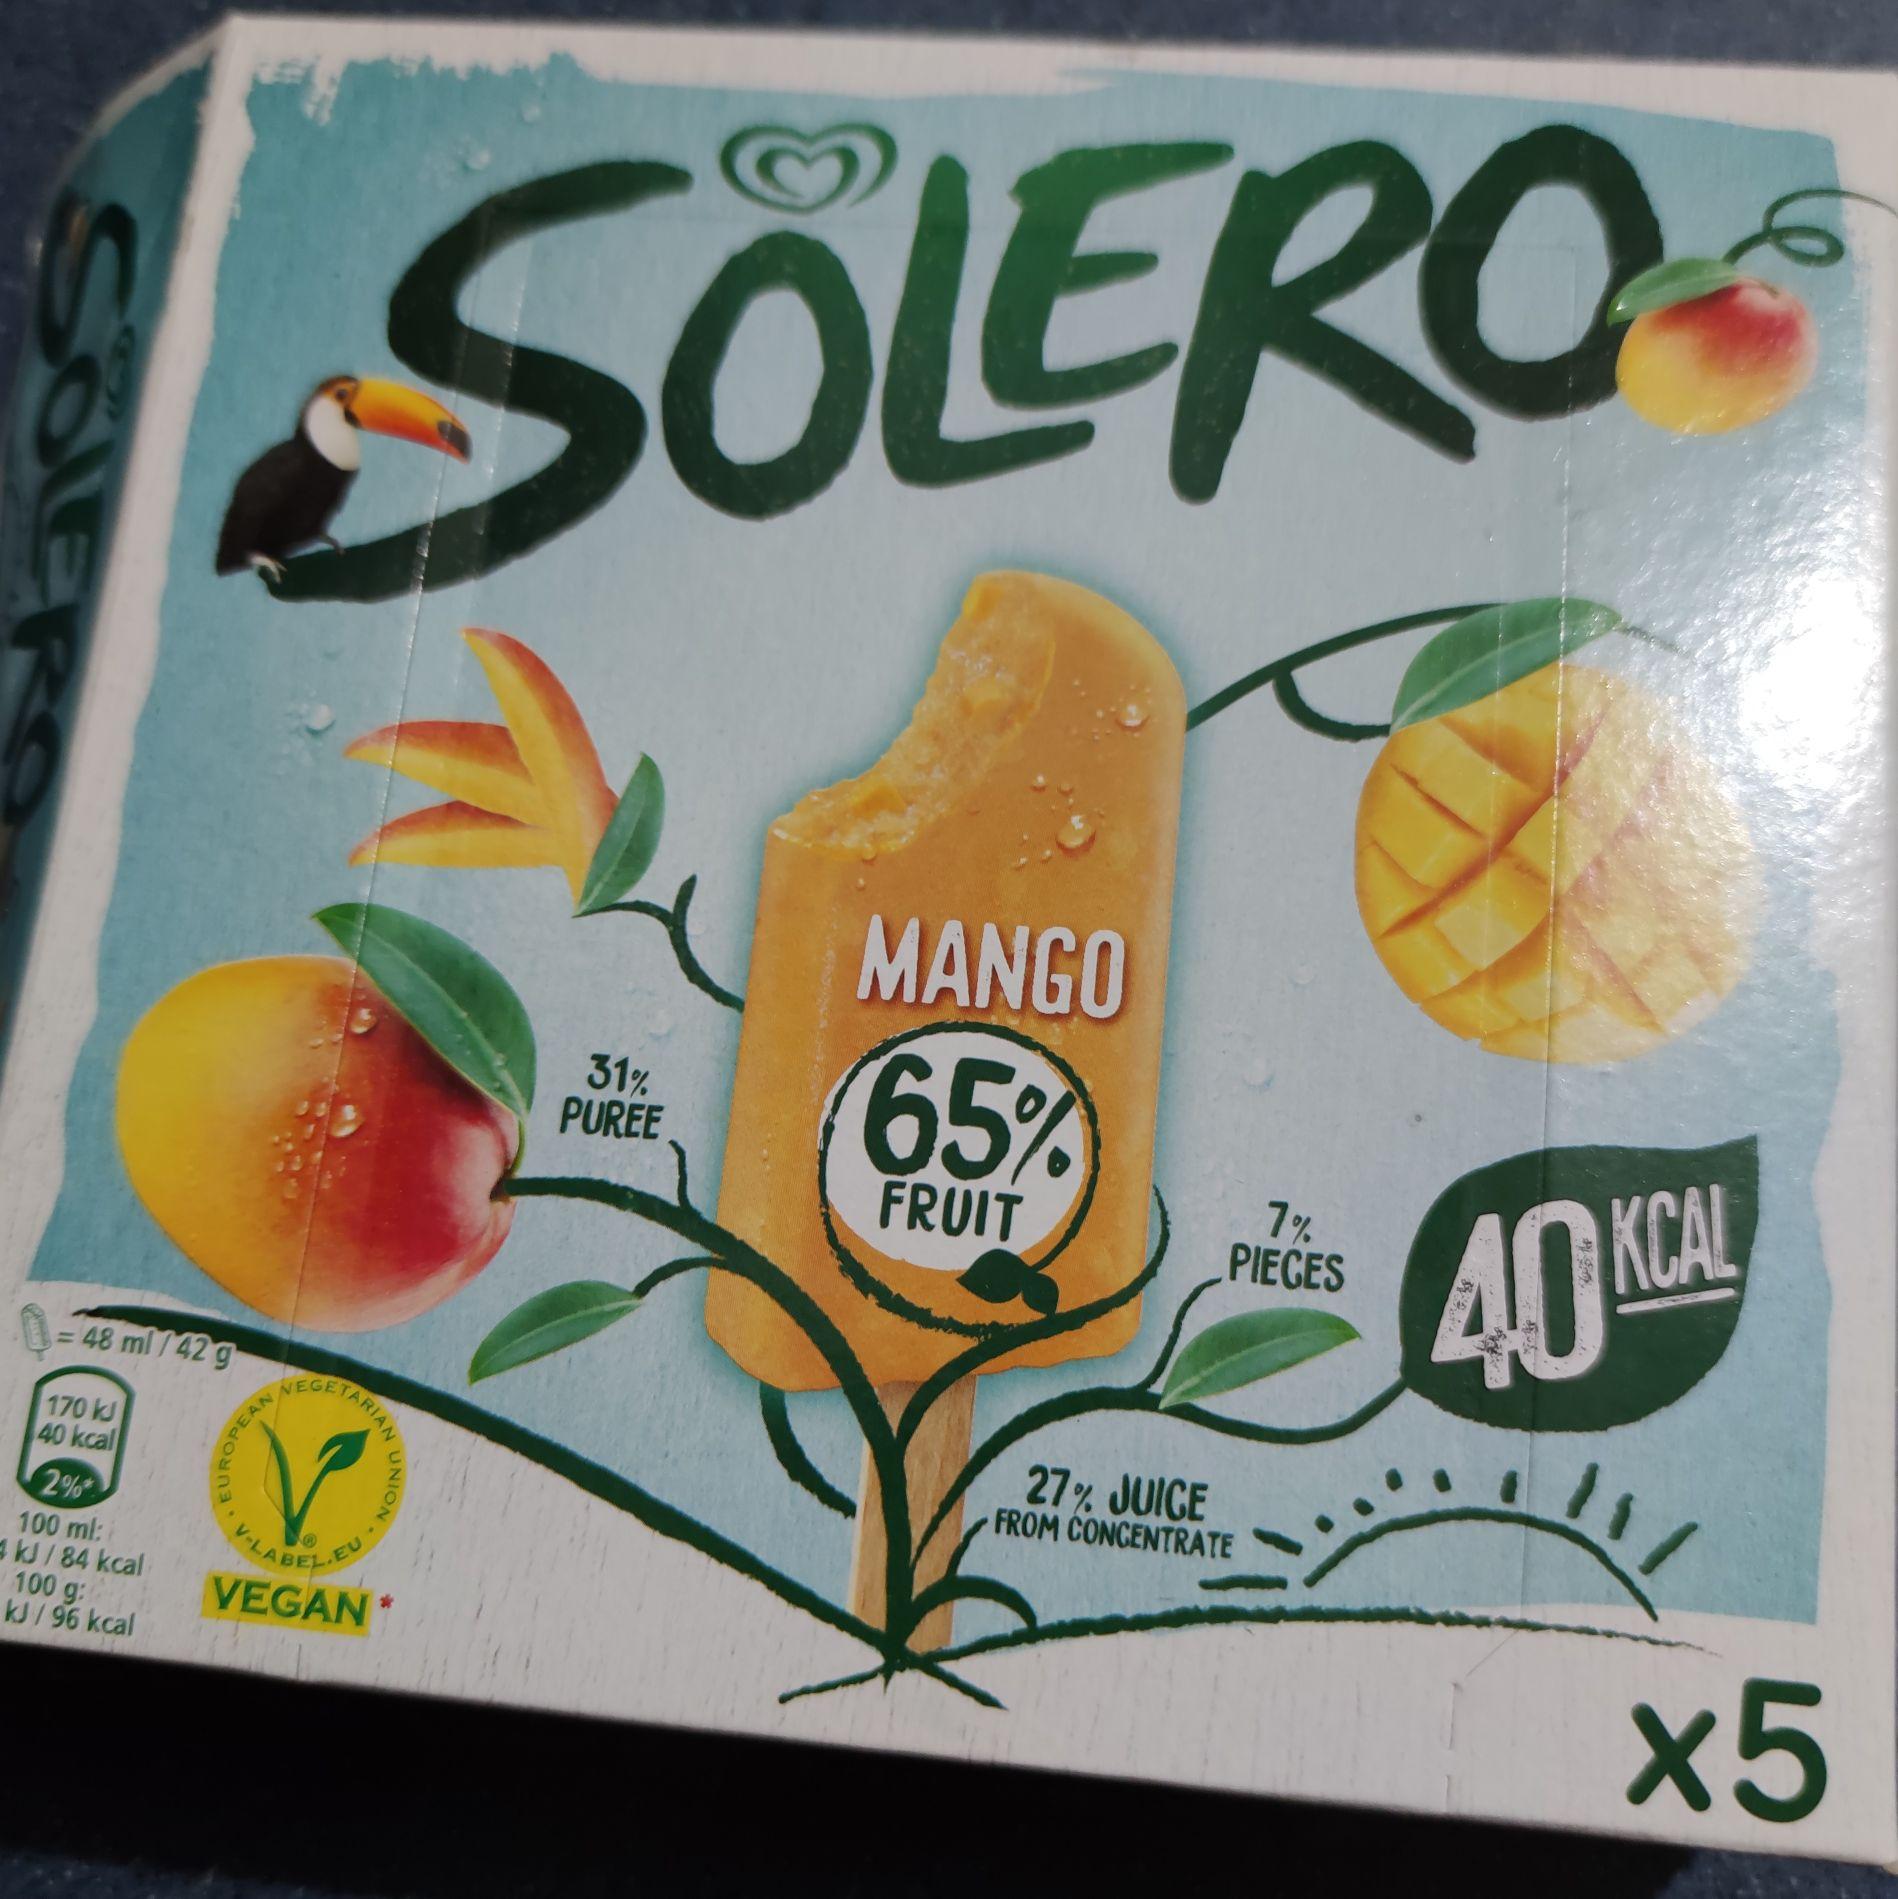 3 cajas de 5 helados mango Solero en Costco Getafe (Madrid)